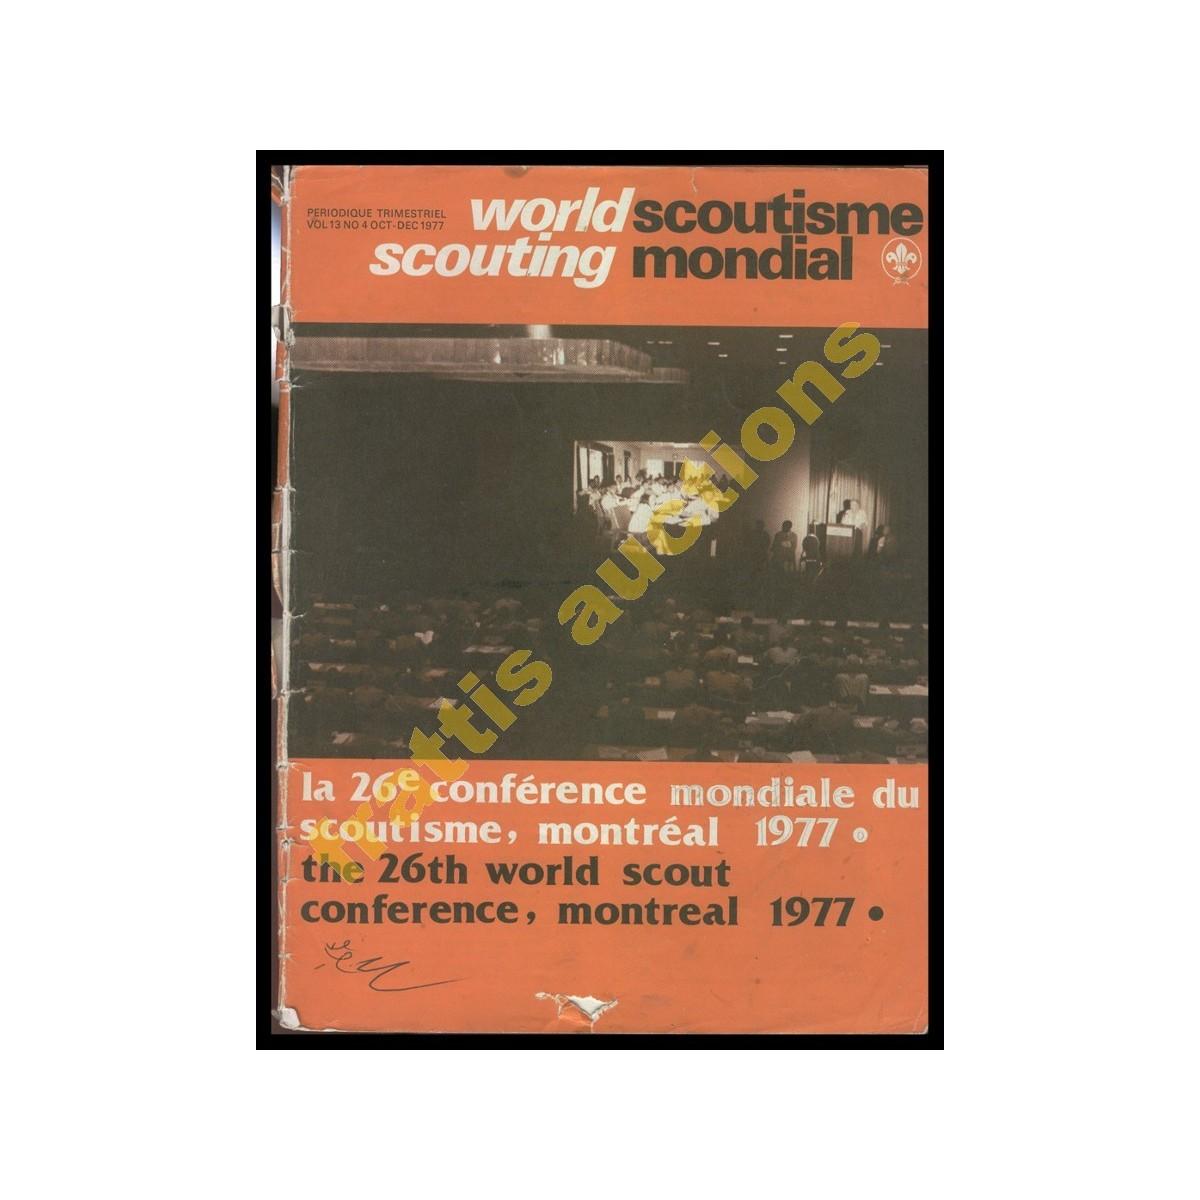 Περιοδικό Παγκόσμιου Προσκοπισμού, World Scoutism, Ελβετία.